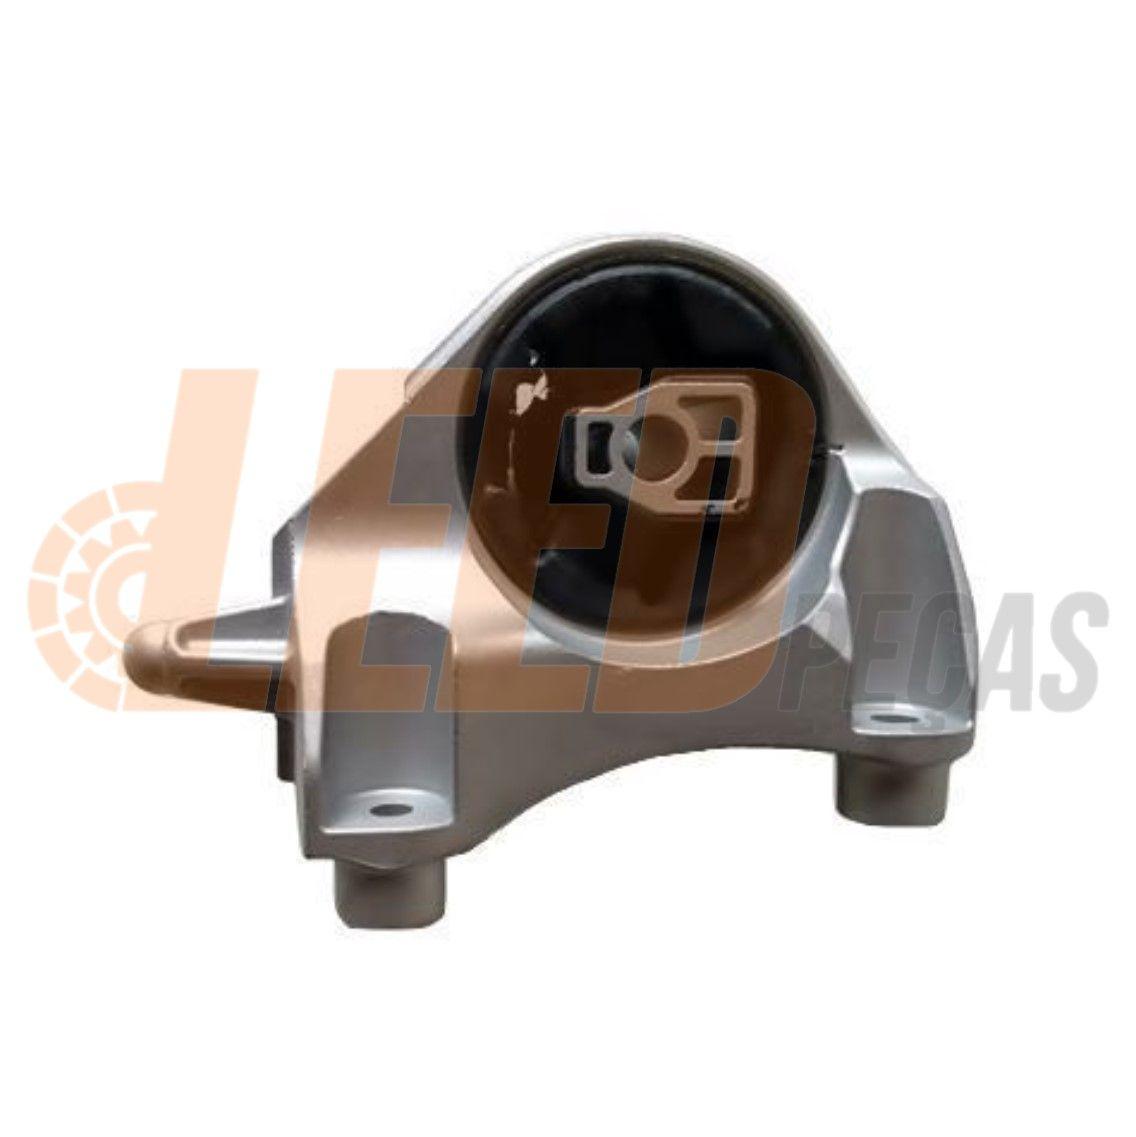 COXIM DIANT.INFERIOR DO MOTOR CAMBIO CAPTIVA 3.6 V6 (3 FUROS) X00398A